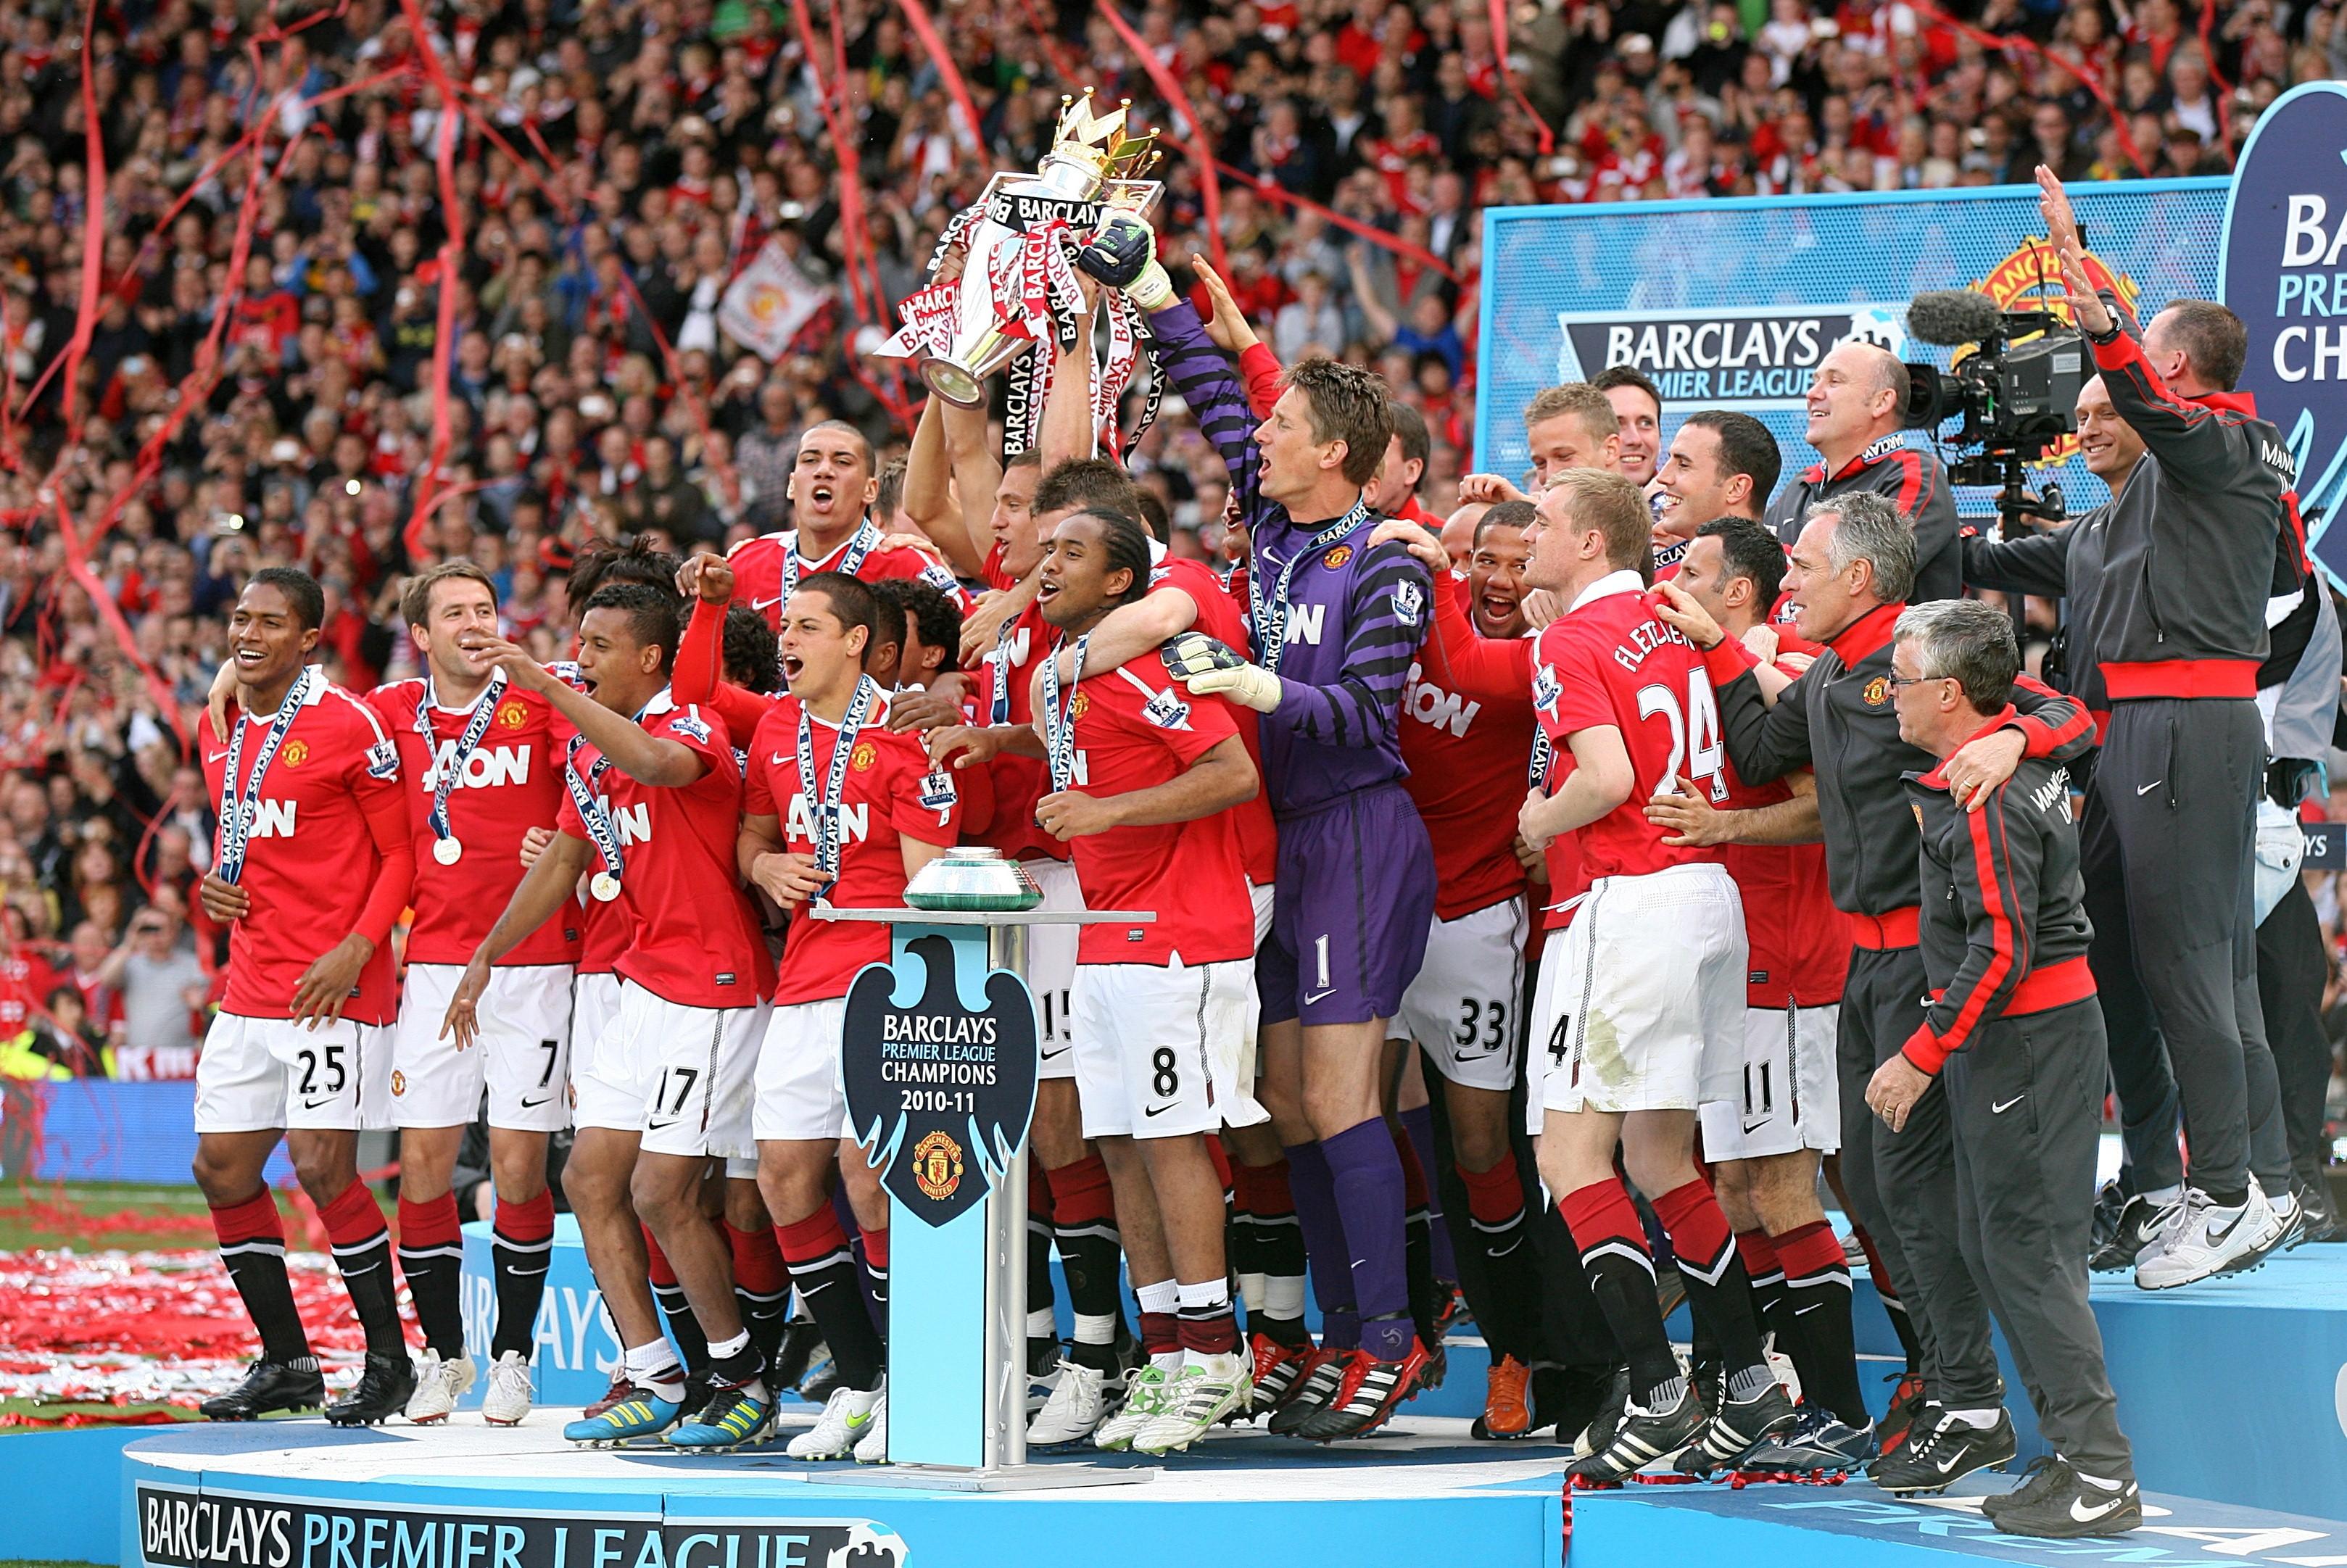 2011 Premier League şampiyonu Manchester United